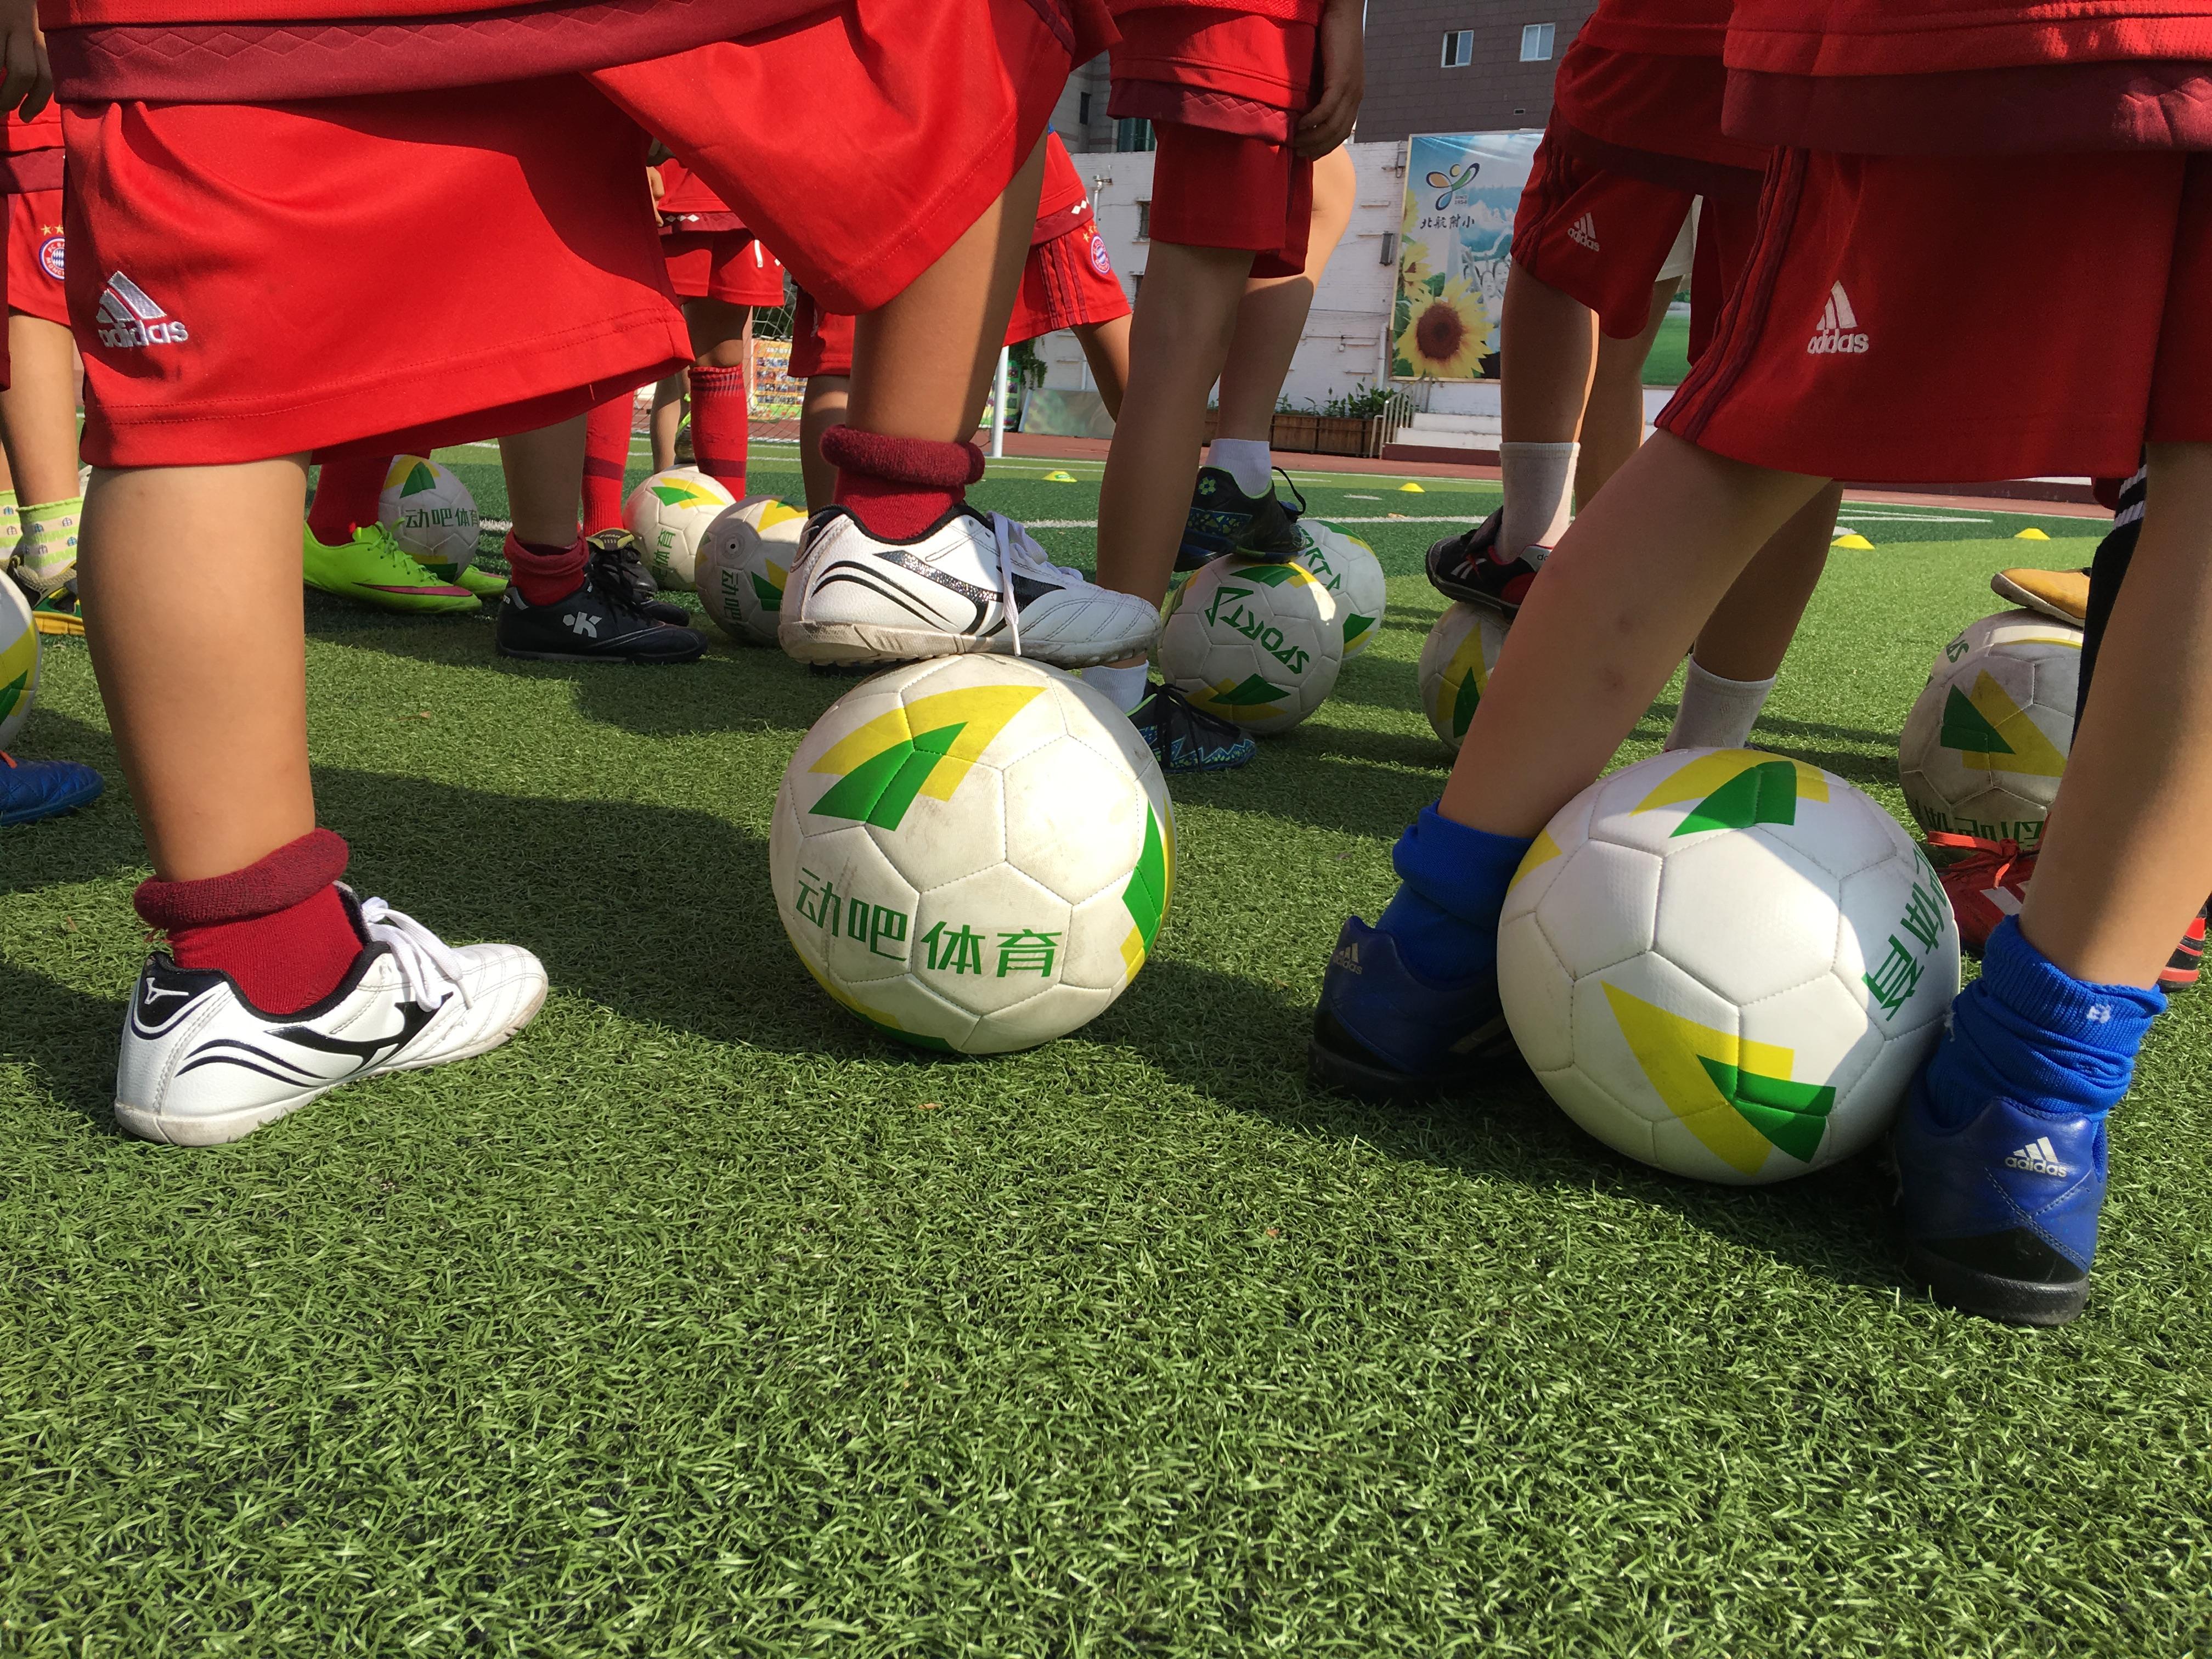 站在体育产业绿茵场,动吧足球能否倒挂金钩